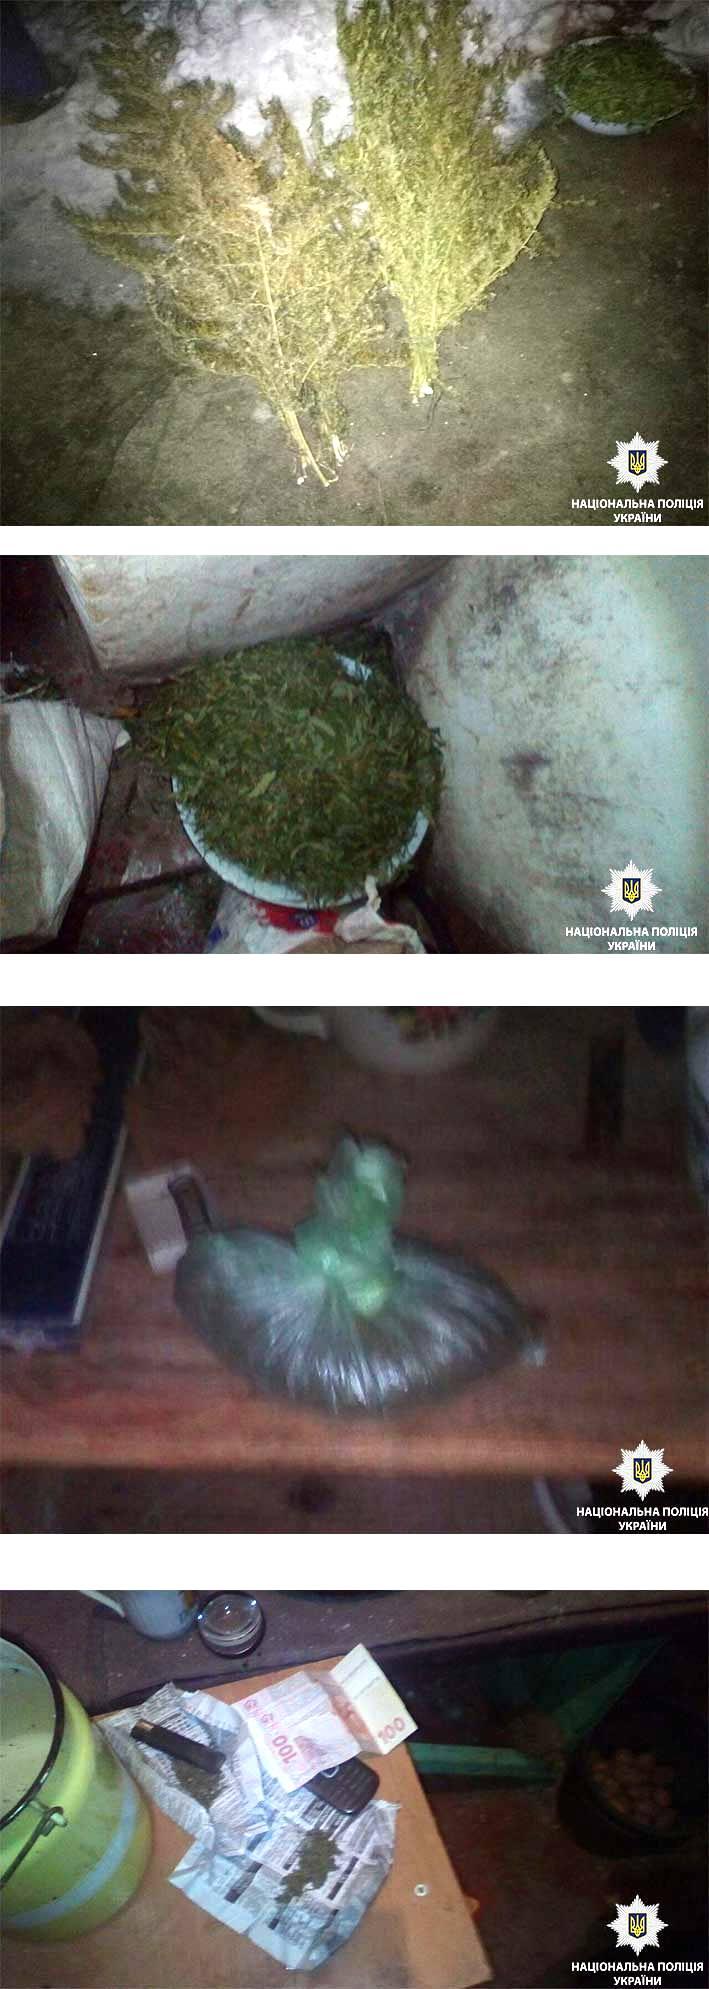 У жителя Никополя изъяли 5 килограмм марихуаны